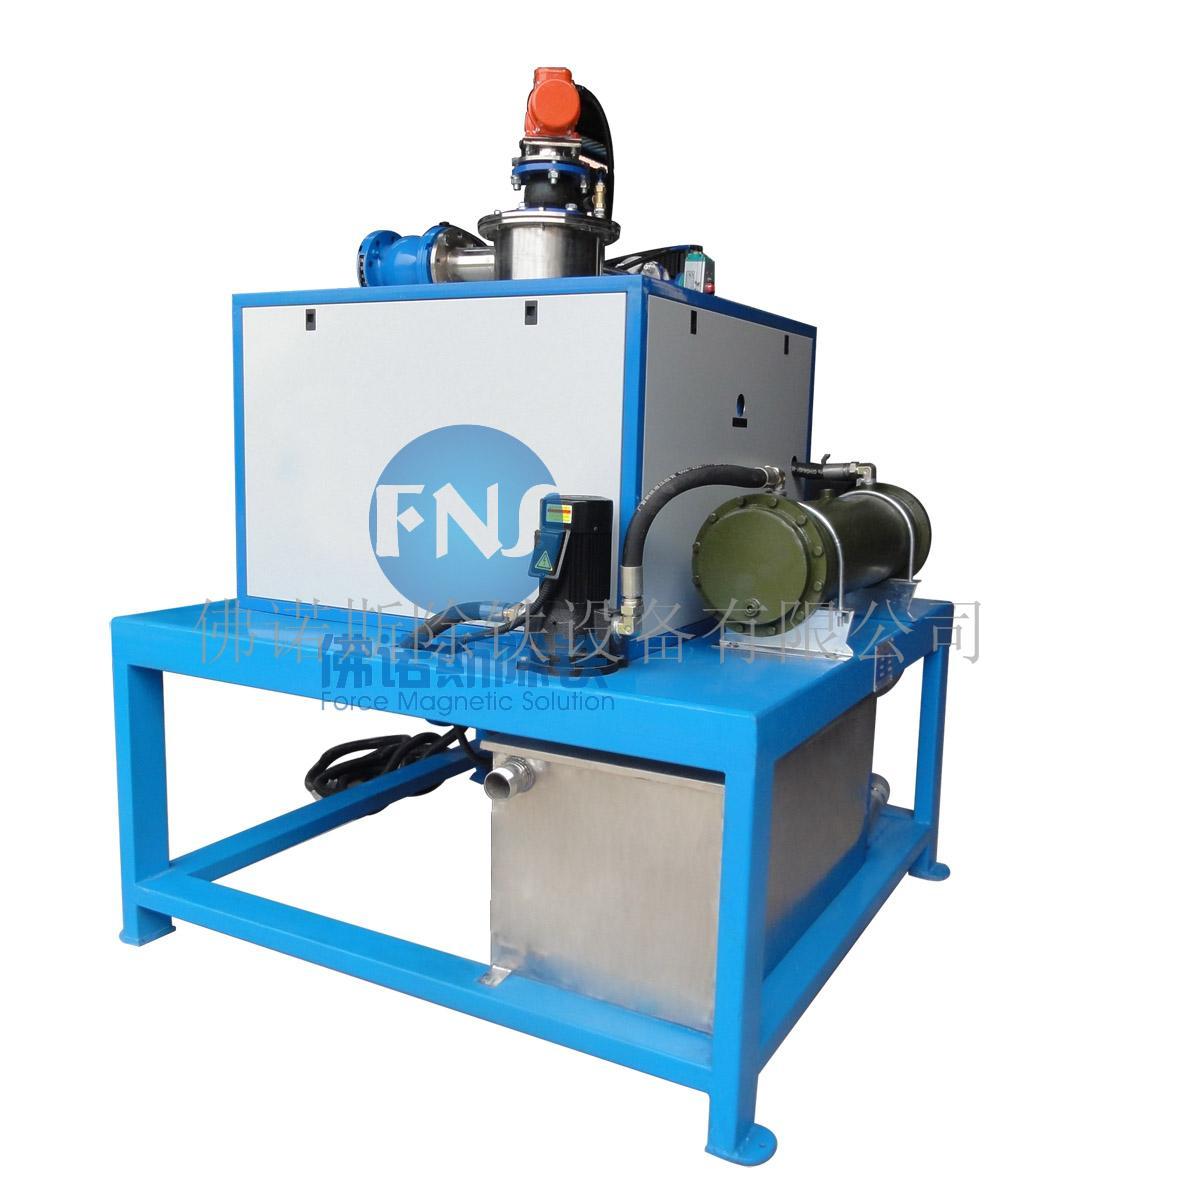 供应永磁筒式磁选机 佛诺斯 除铁设备有限公司